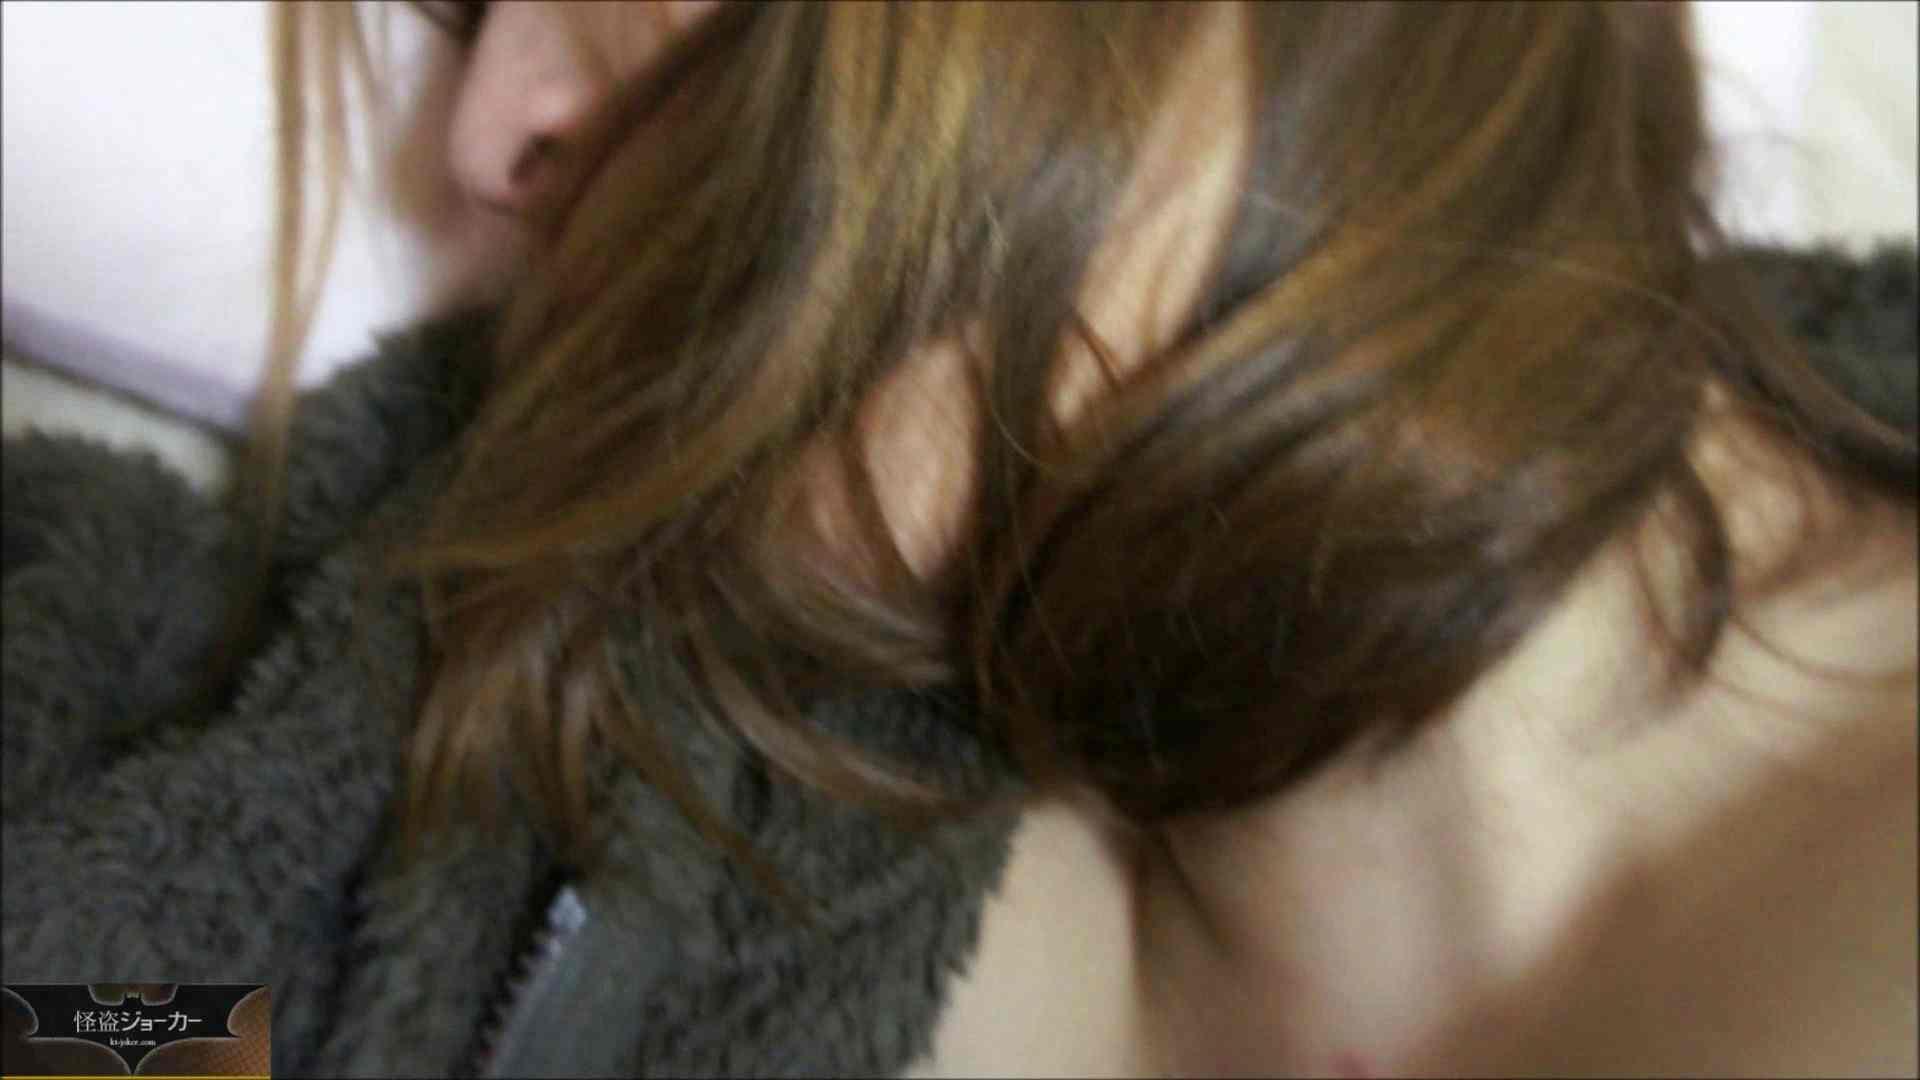 【未公開】vol.27 【ユリナの同級生】朋葉ちゃんを我が家で・・・ いじくり セックス無修正動画無料 89画像 54